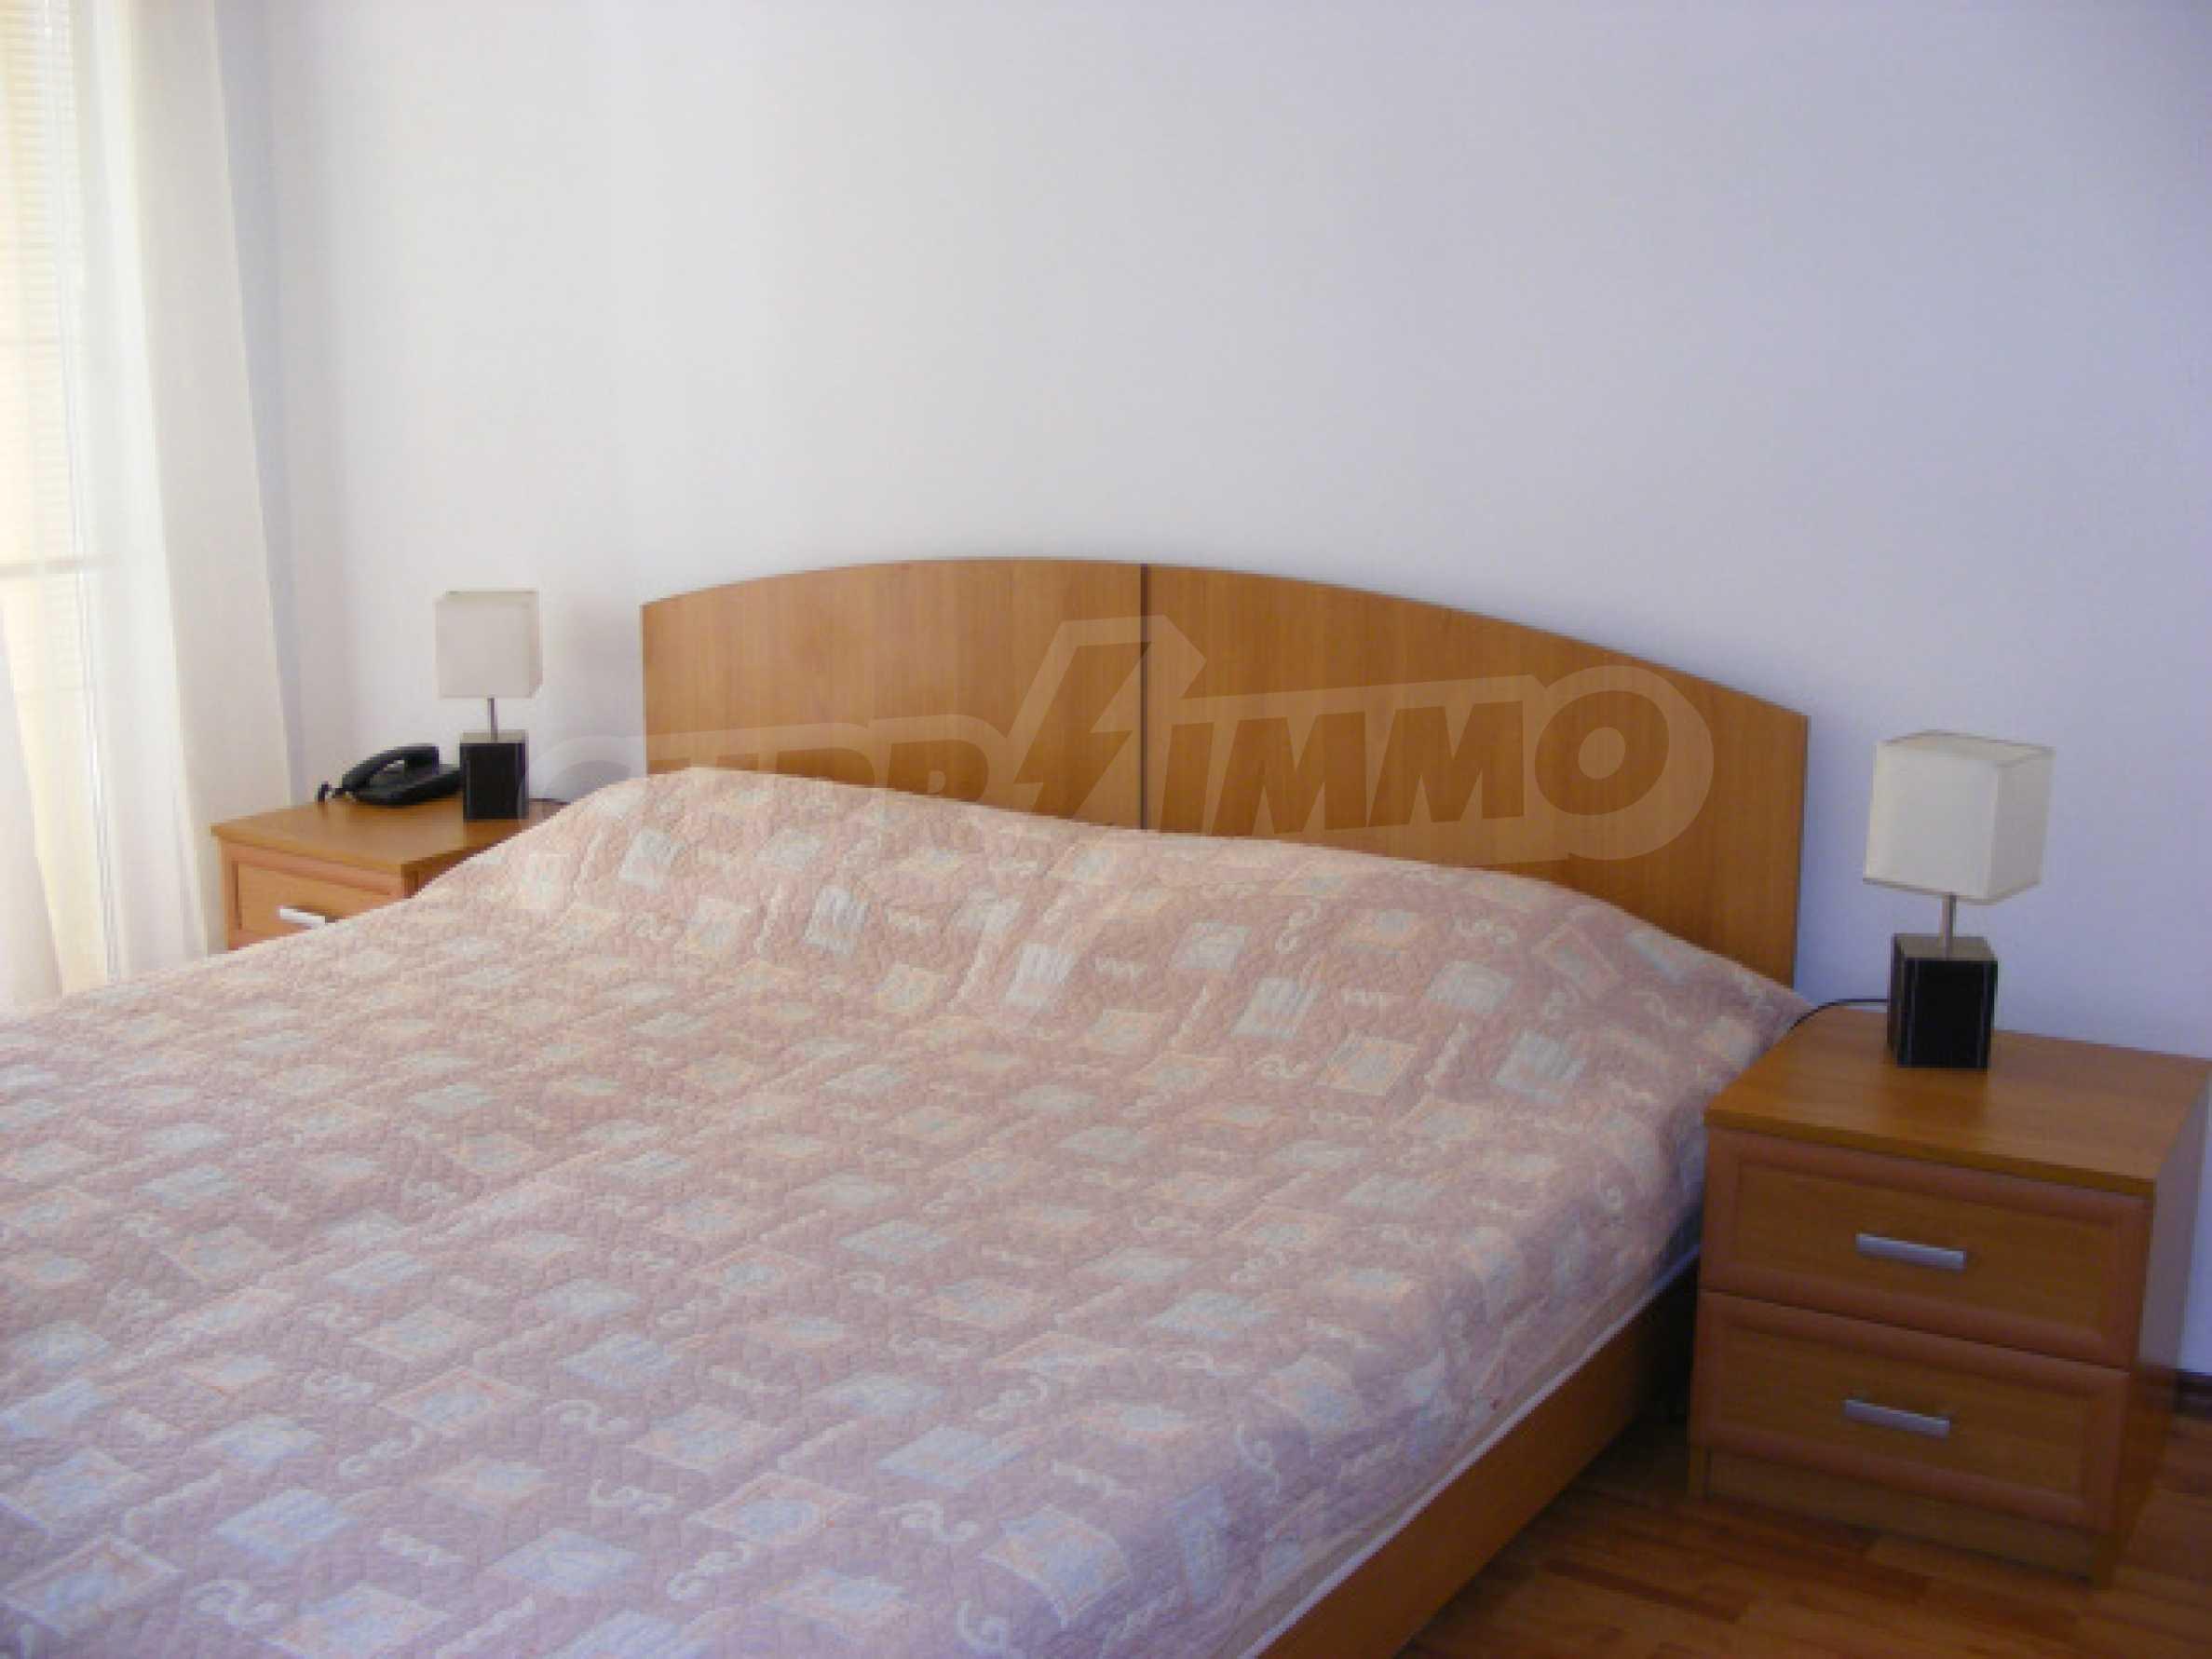 Komplett möbliertes Apartment mit 1 Schlafzimmer in Sunny Beach Goldener Sand, mit Meerblick 12